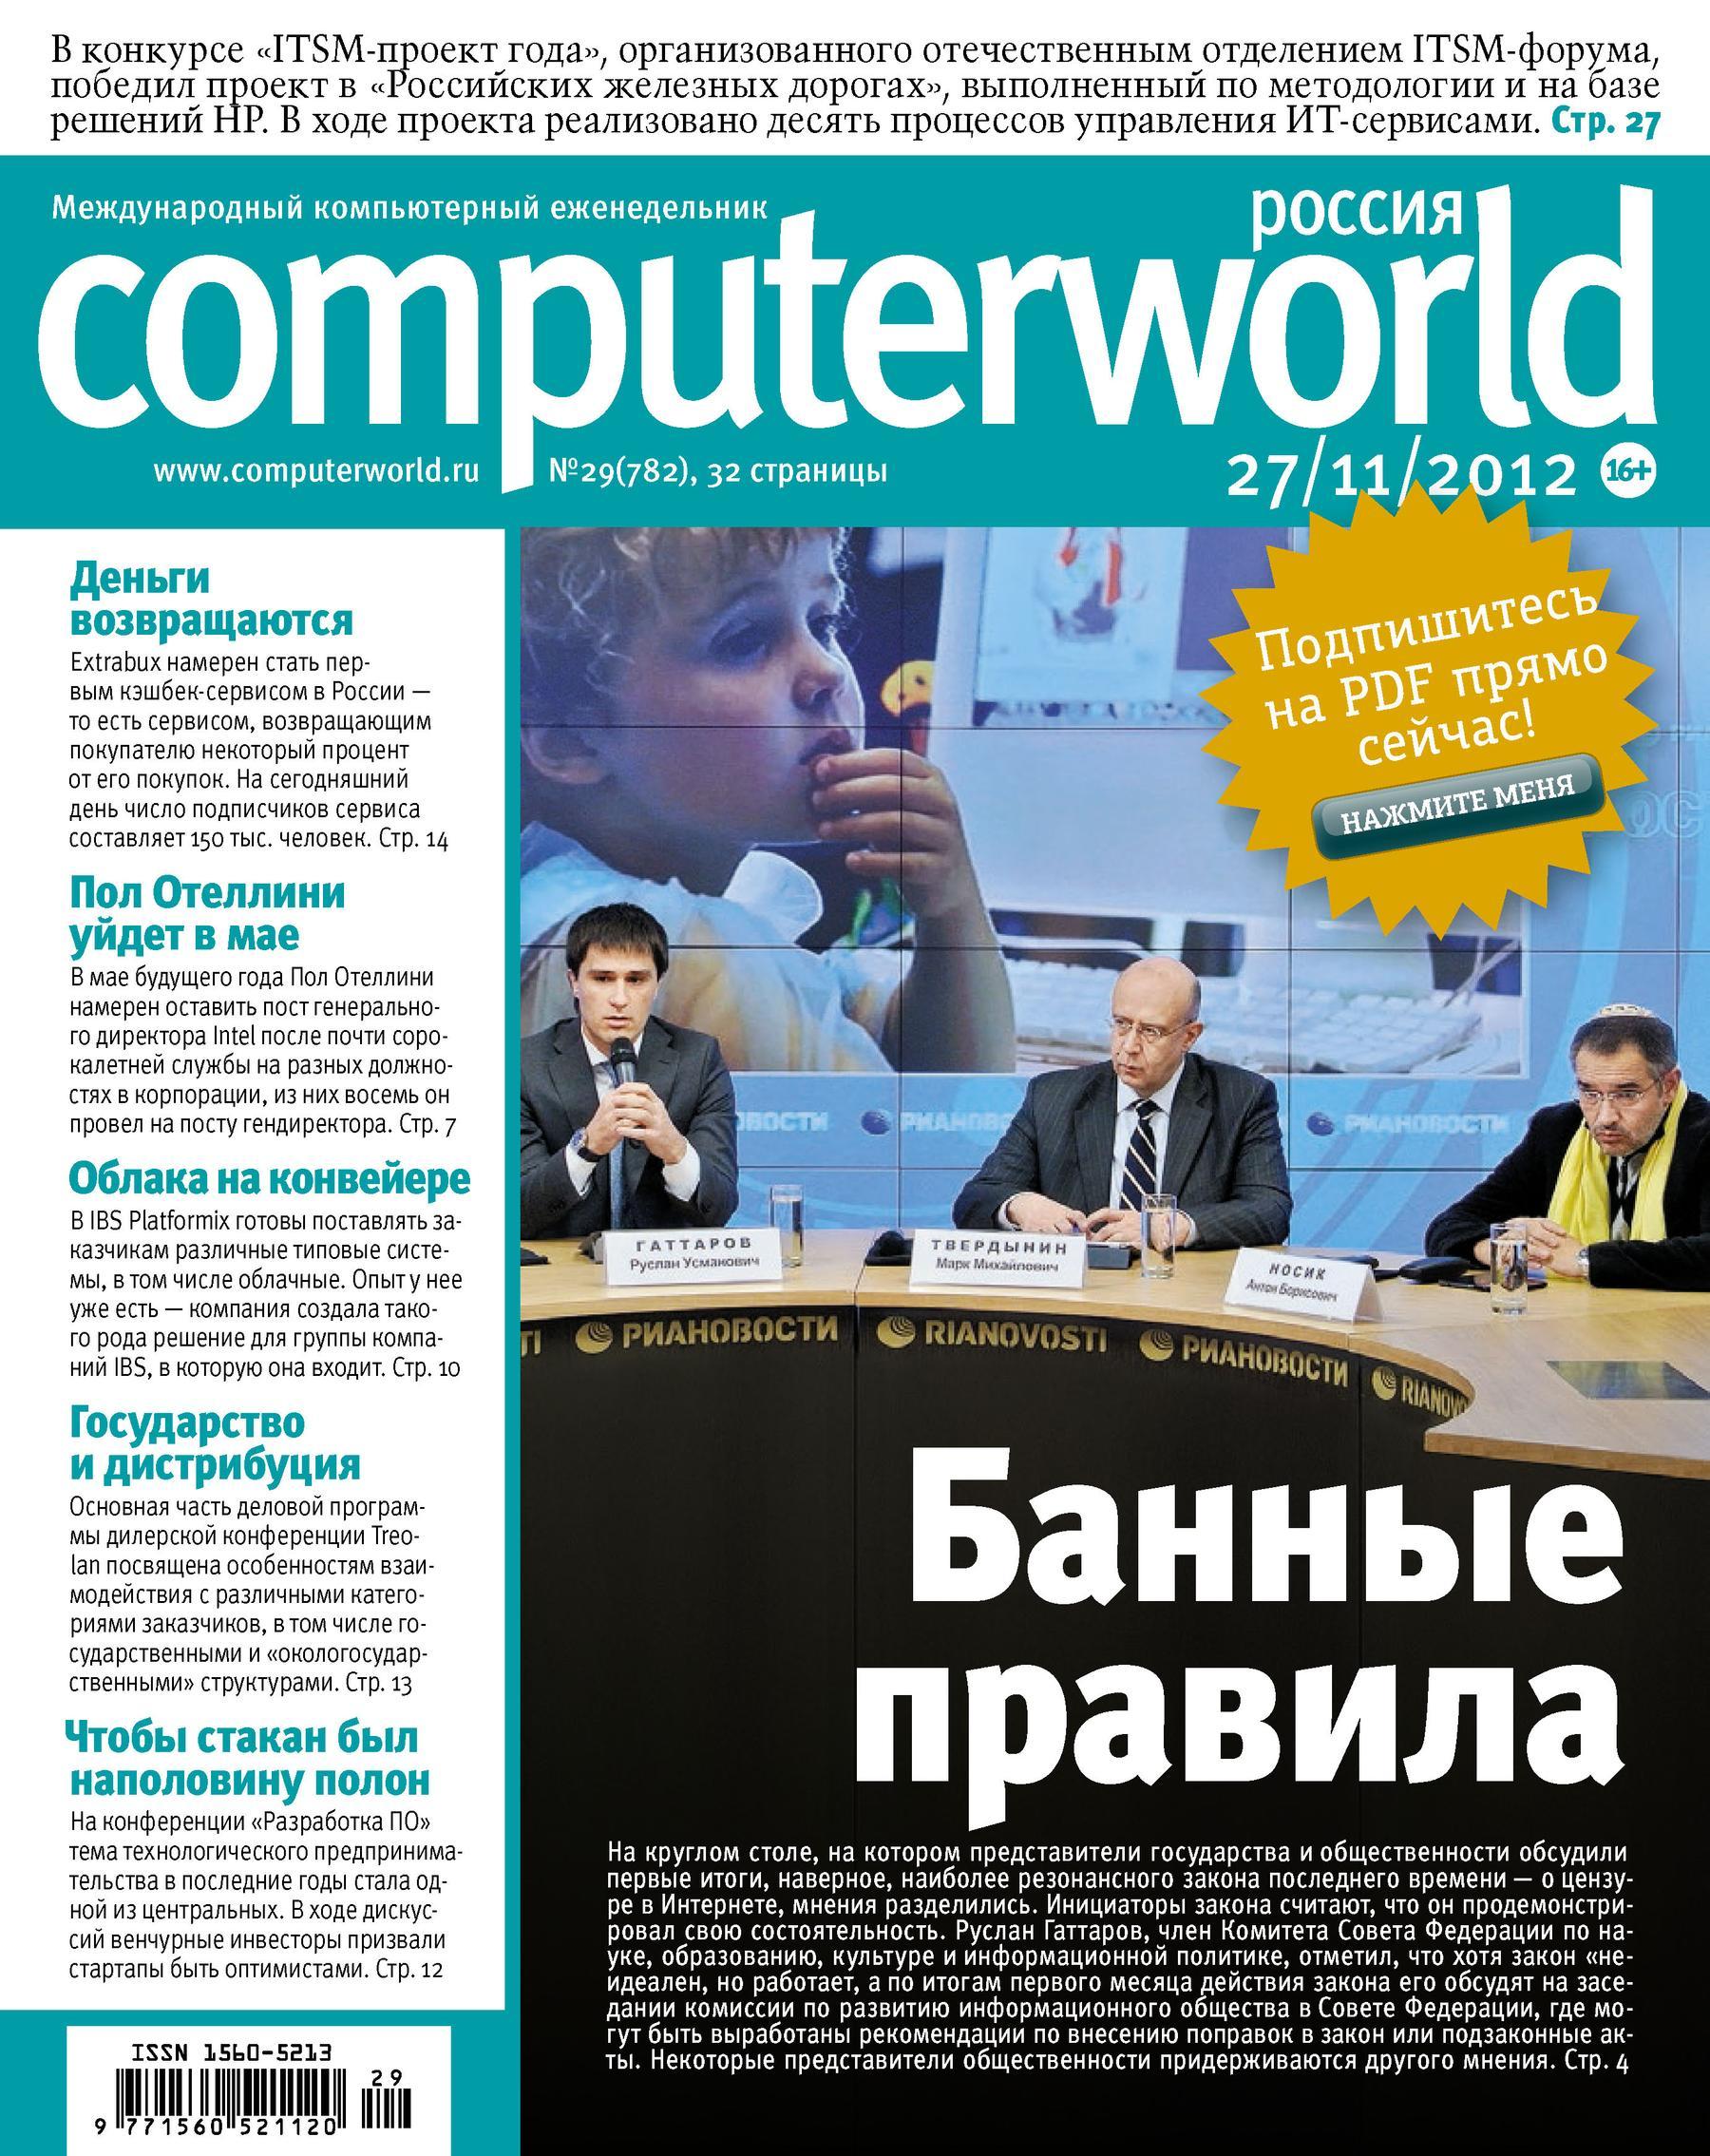 Открытые системы Журнал Computerworld Россия №29/2012 открытые системы журнал computerworld россия 29 2012